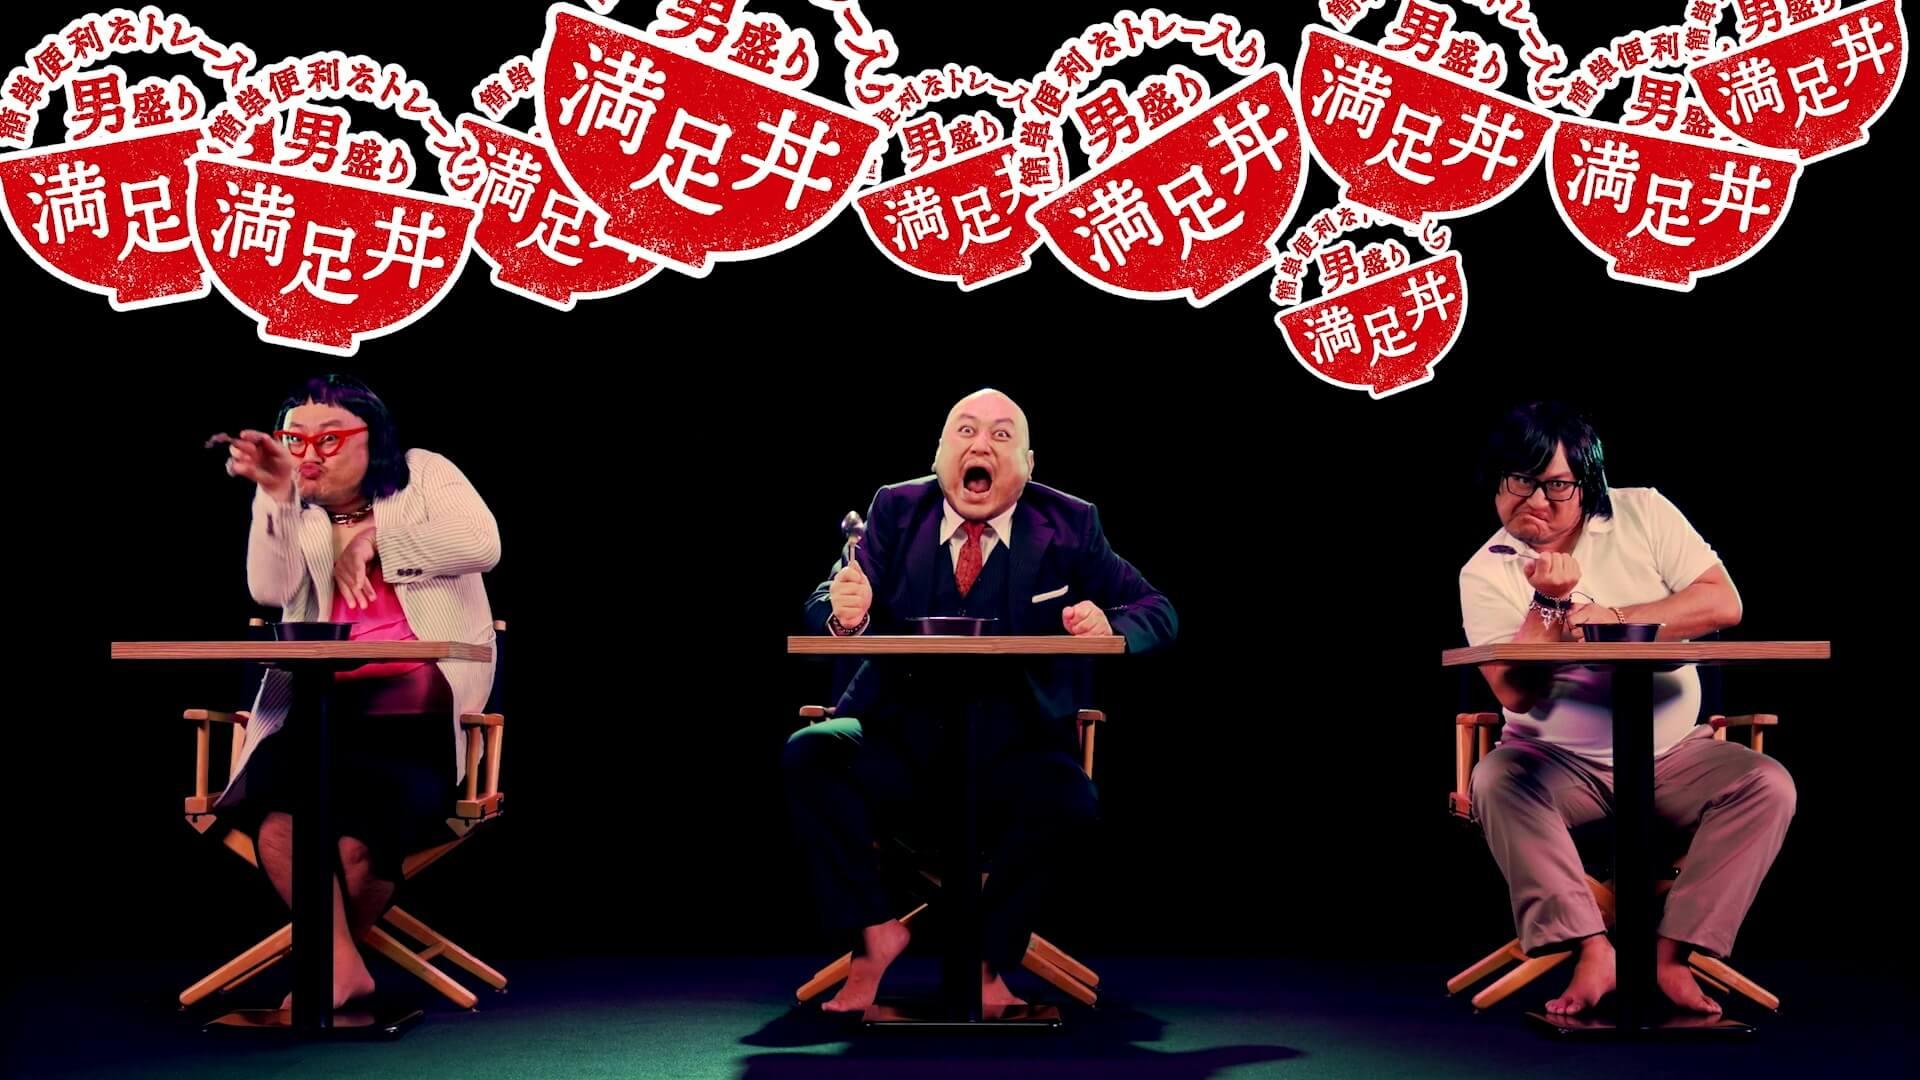 誇張した食レポ、エビのモノマネ…ハリウッドザコシショウの姿に思わず二度見してしまう「満足丼」WEBCM4本が公開 gourmet190917_manzokudon_25